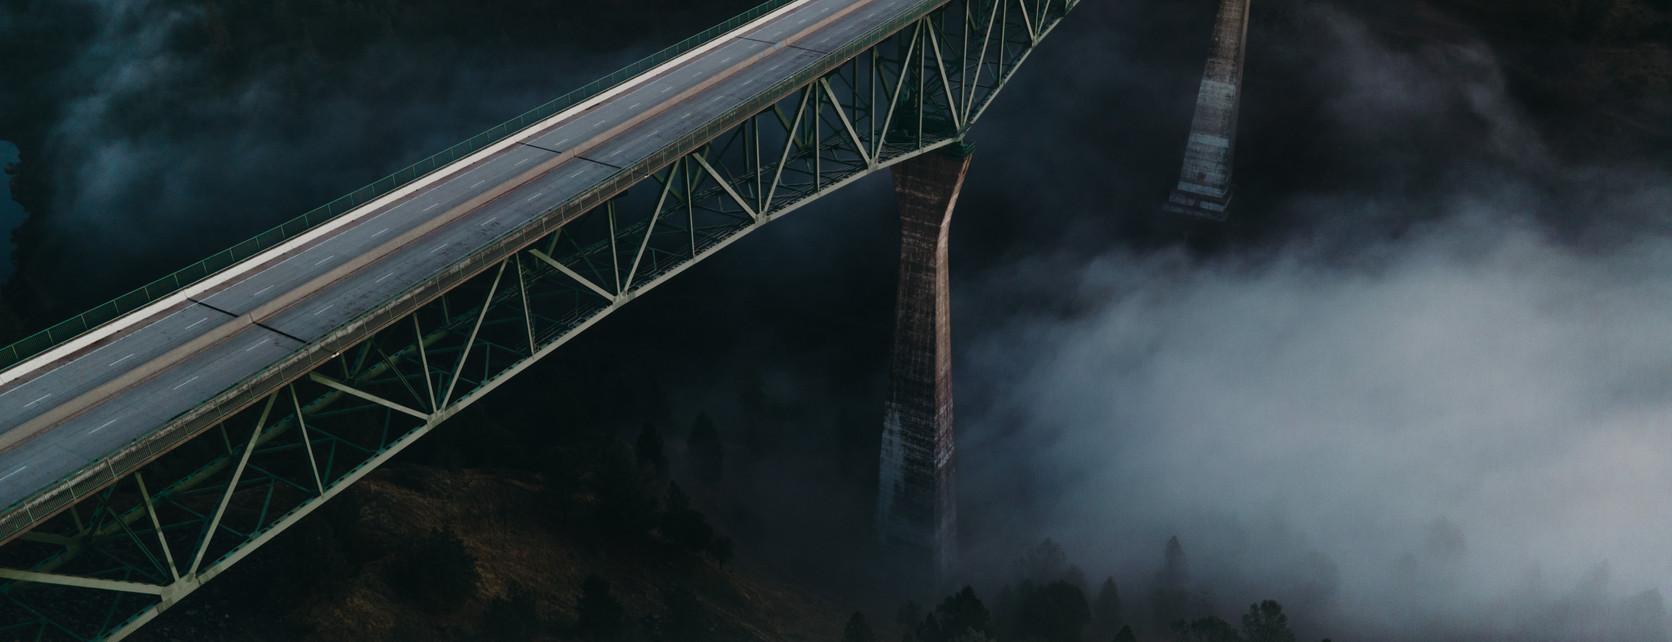 foresthill bridge-3.jpg